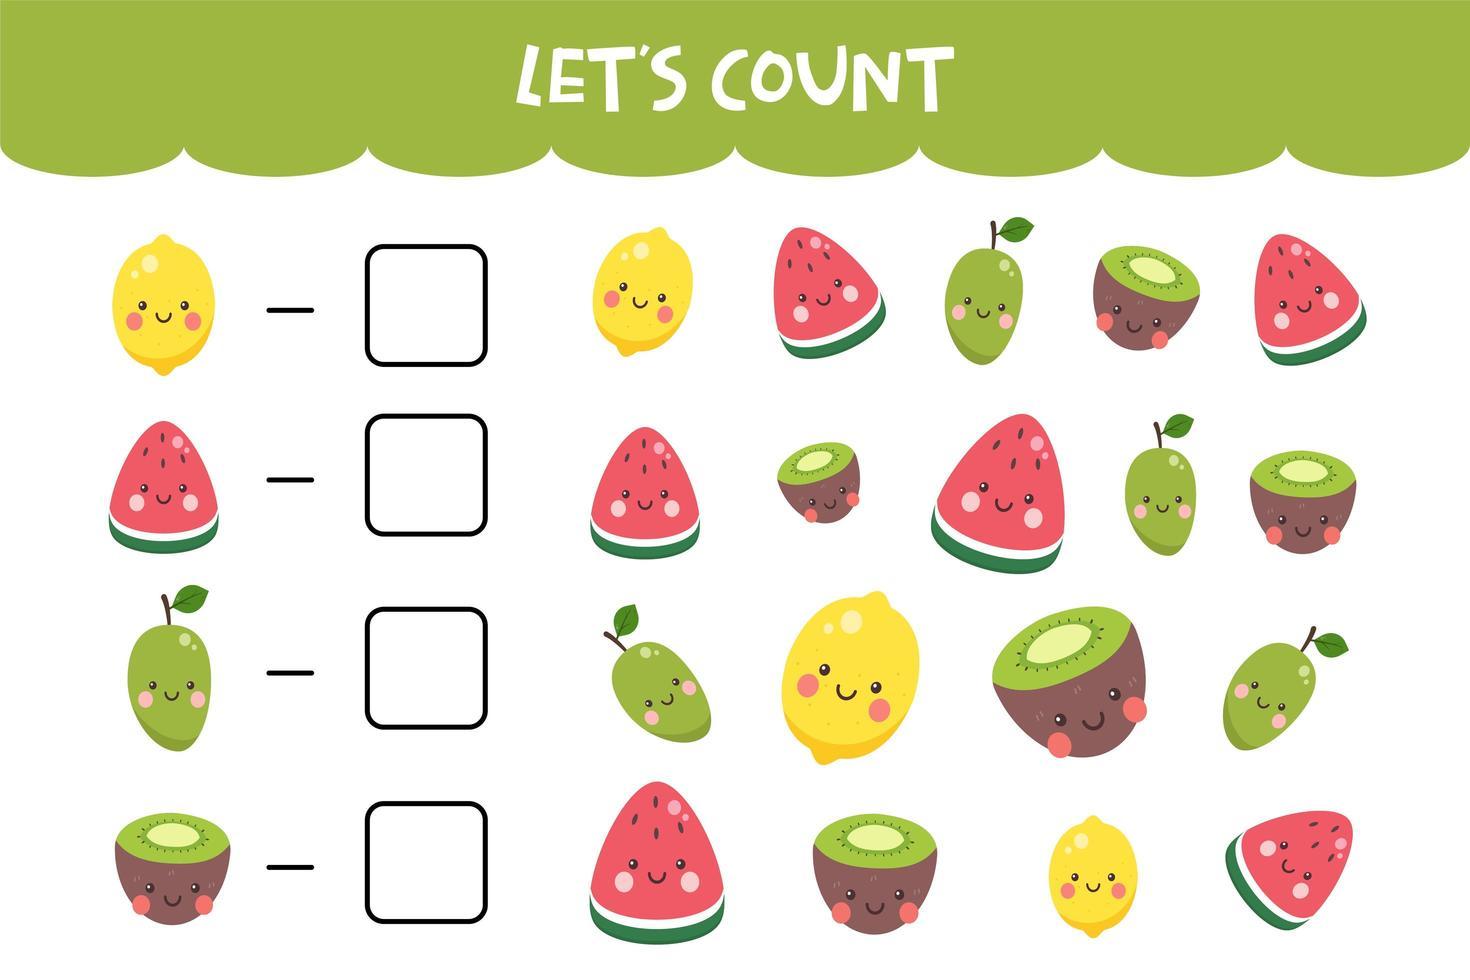 jeu de comptage avec de jolis fruits colorés vecteur